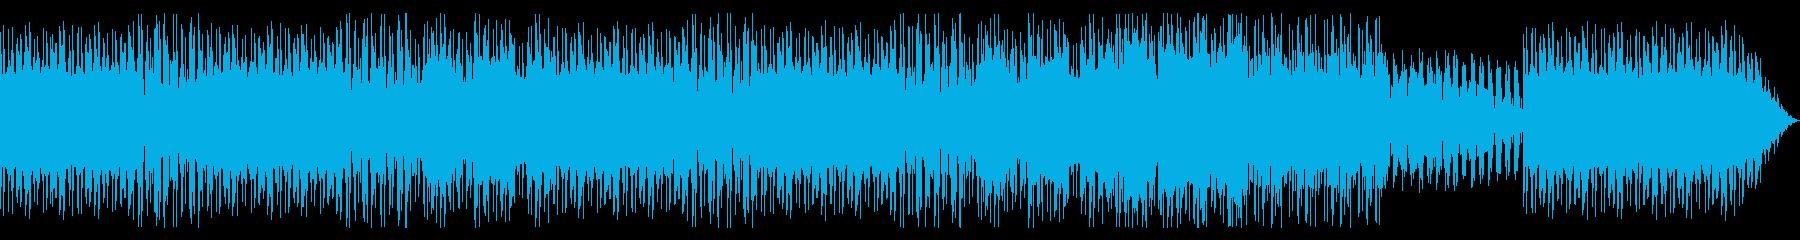 ドラムンベース+ピアノ 緊張高めのバトルの再生済みの波形